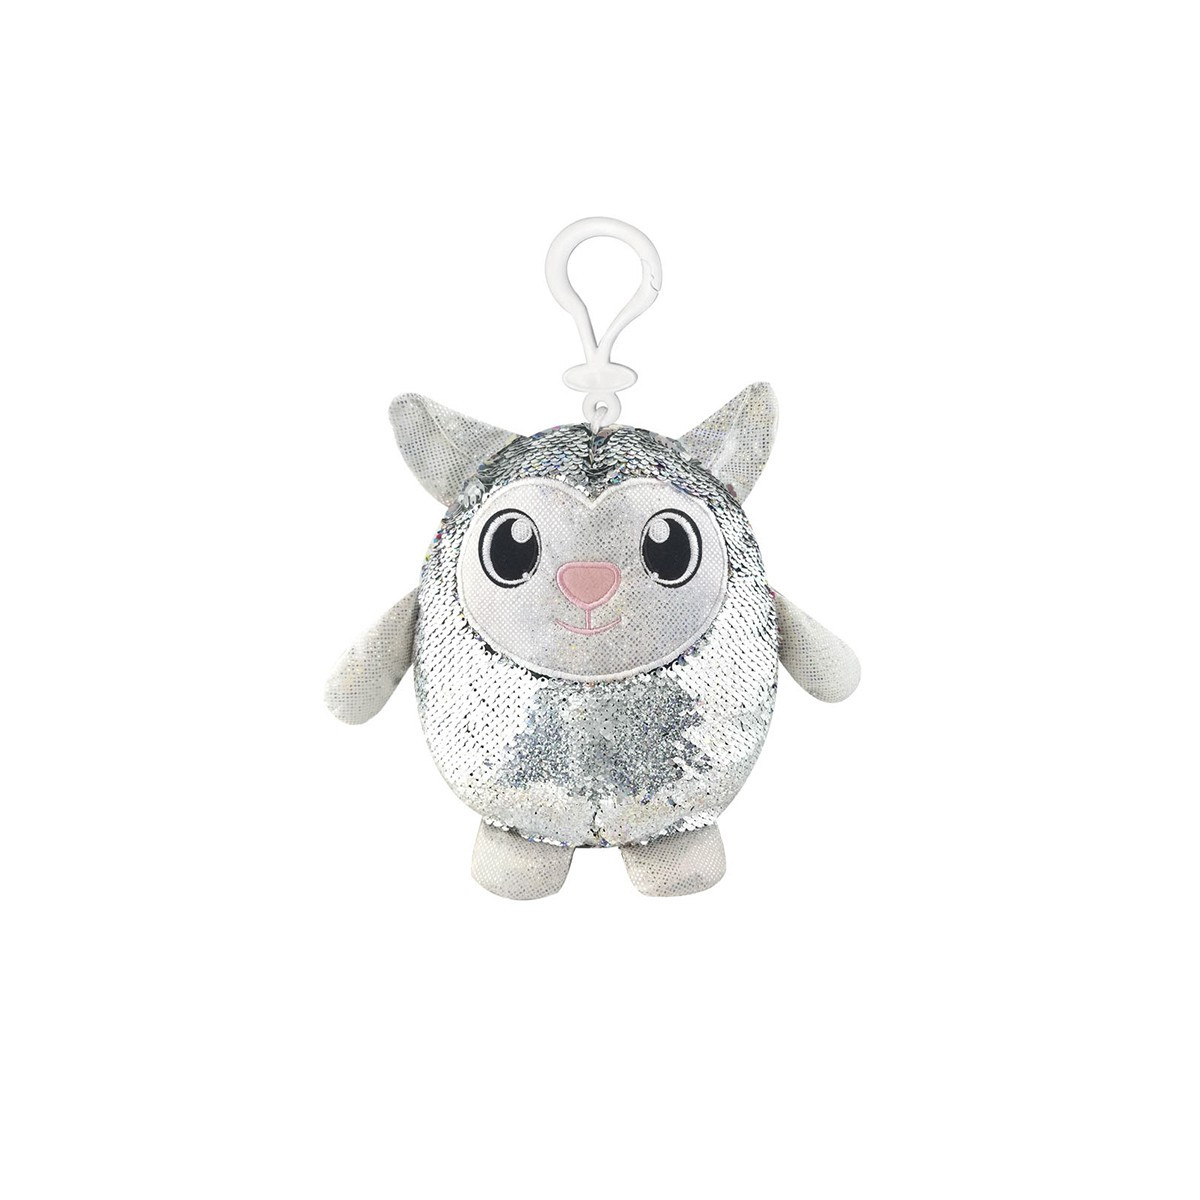 М'яка іграшка з паєтками SHIMMEEZ - гарненько ОВЕЧКА (9 см, на кліпсі)